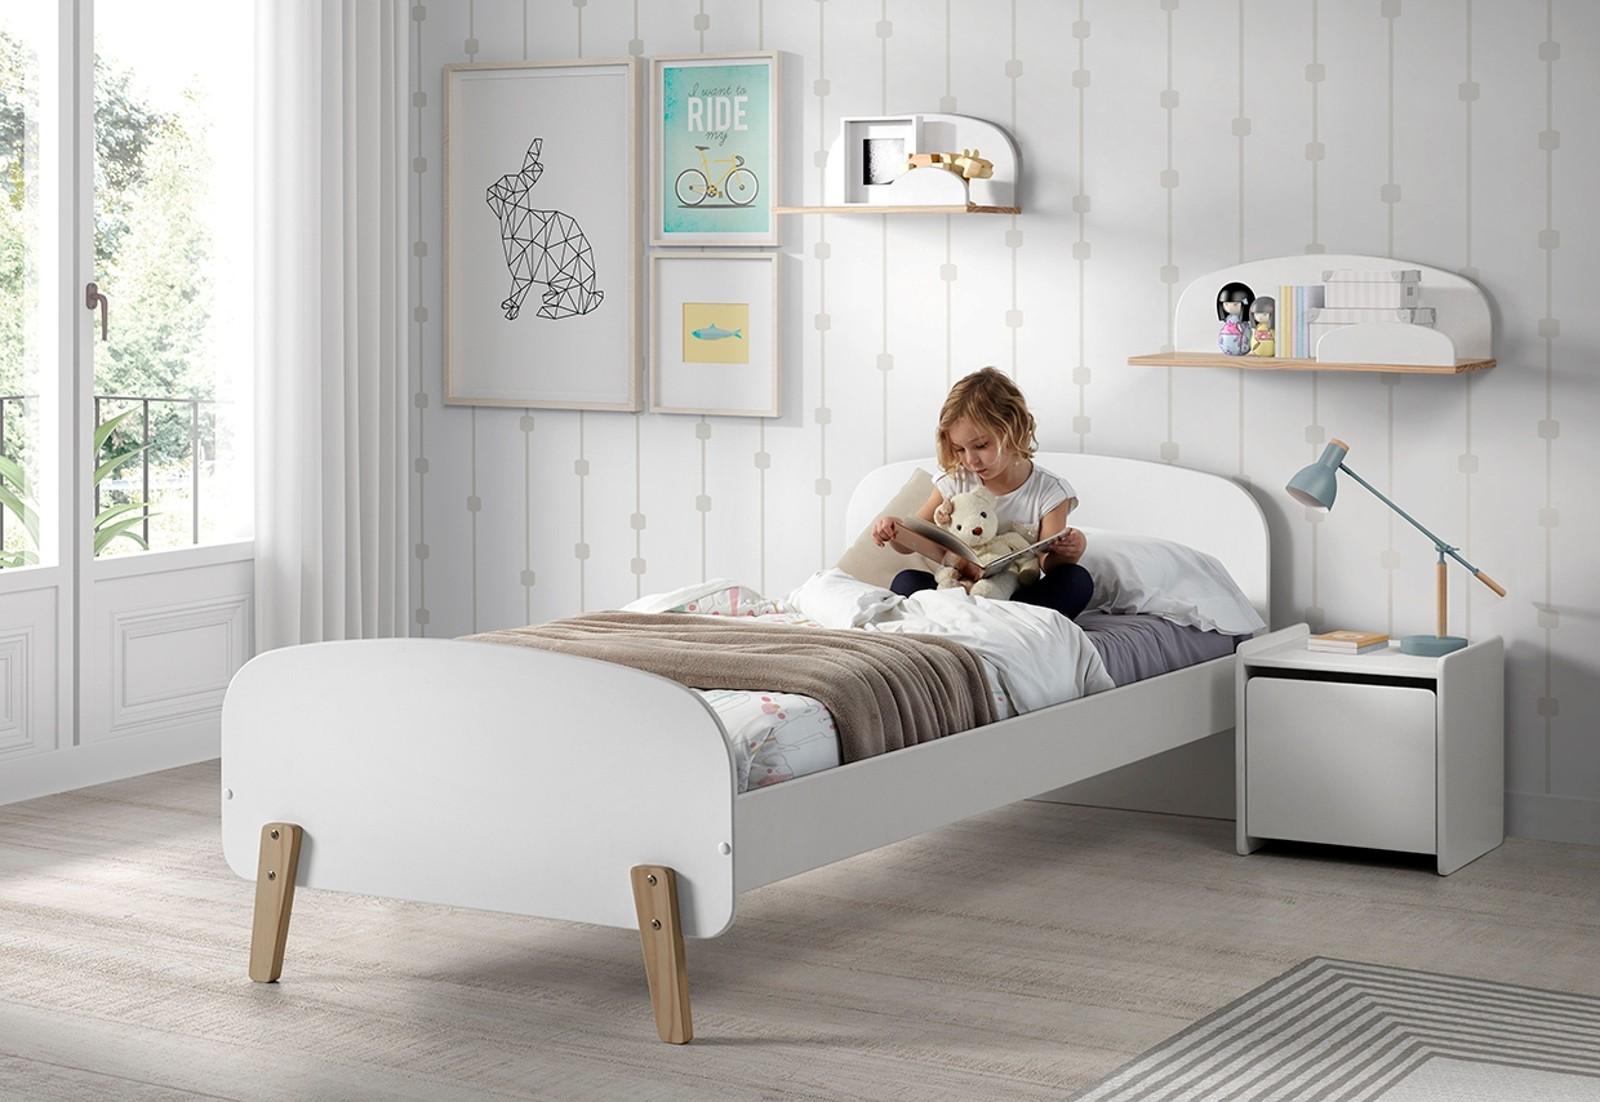 wandregal kiddy 60 cm breit wei kinder jugendzimmer. Black Bedroom Furniture Sets. Home Design Ideas